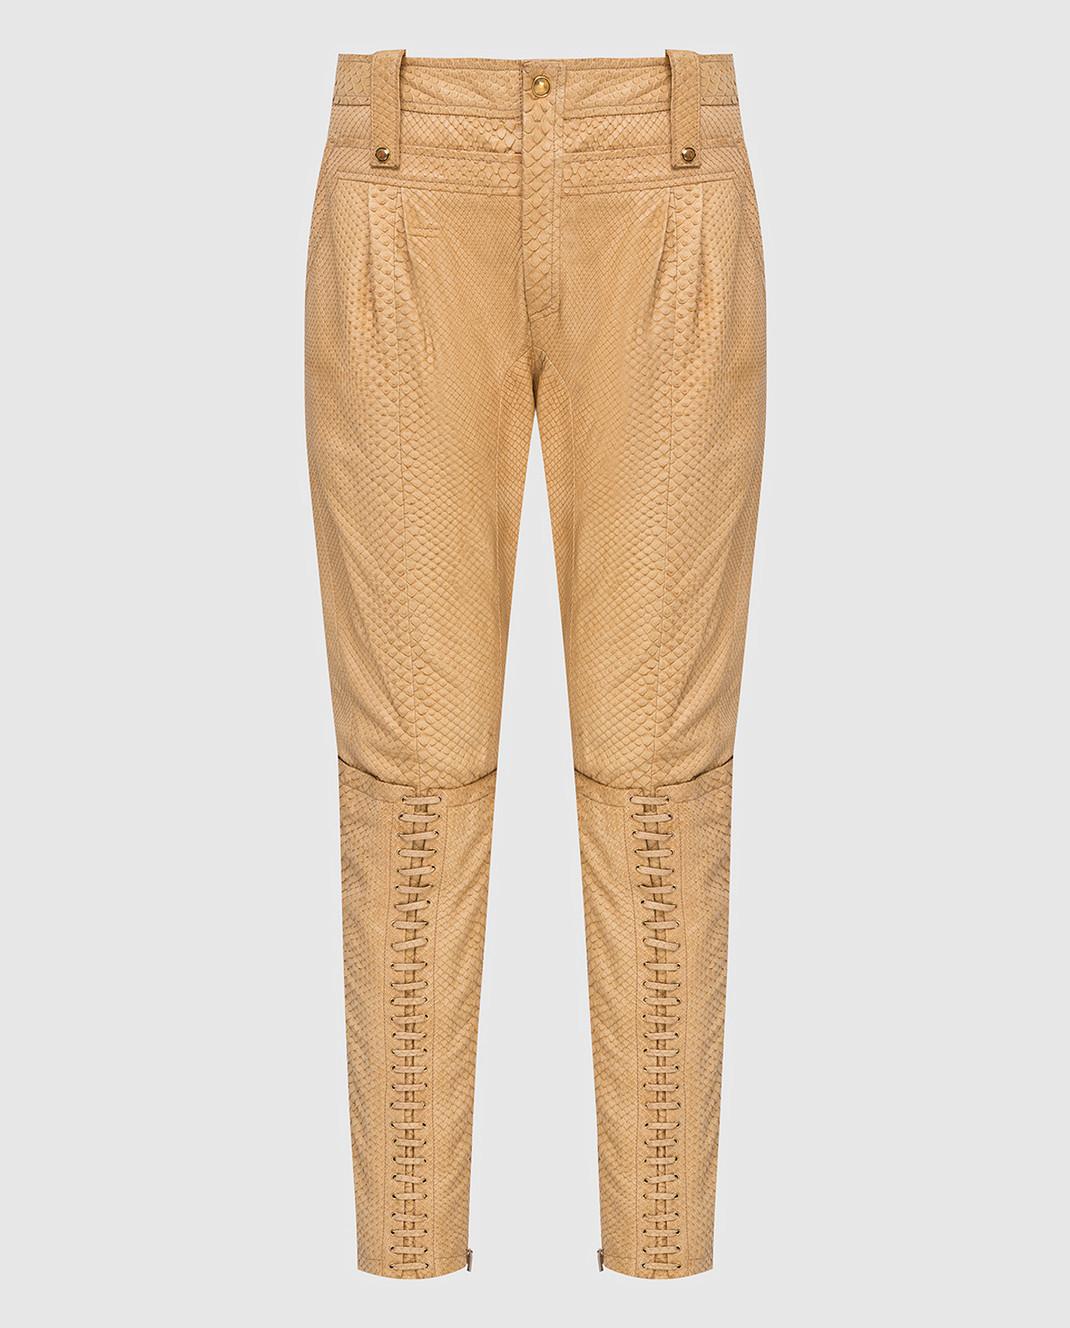 Gucci Бежевые брюки из кожи питона изображение 1